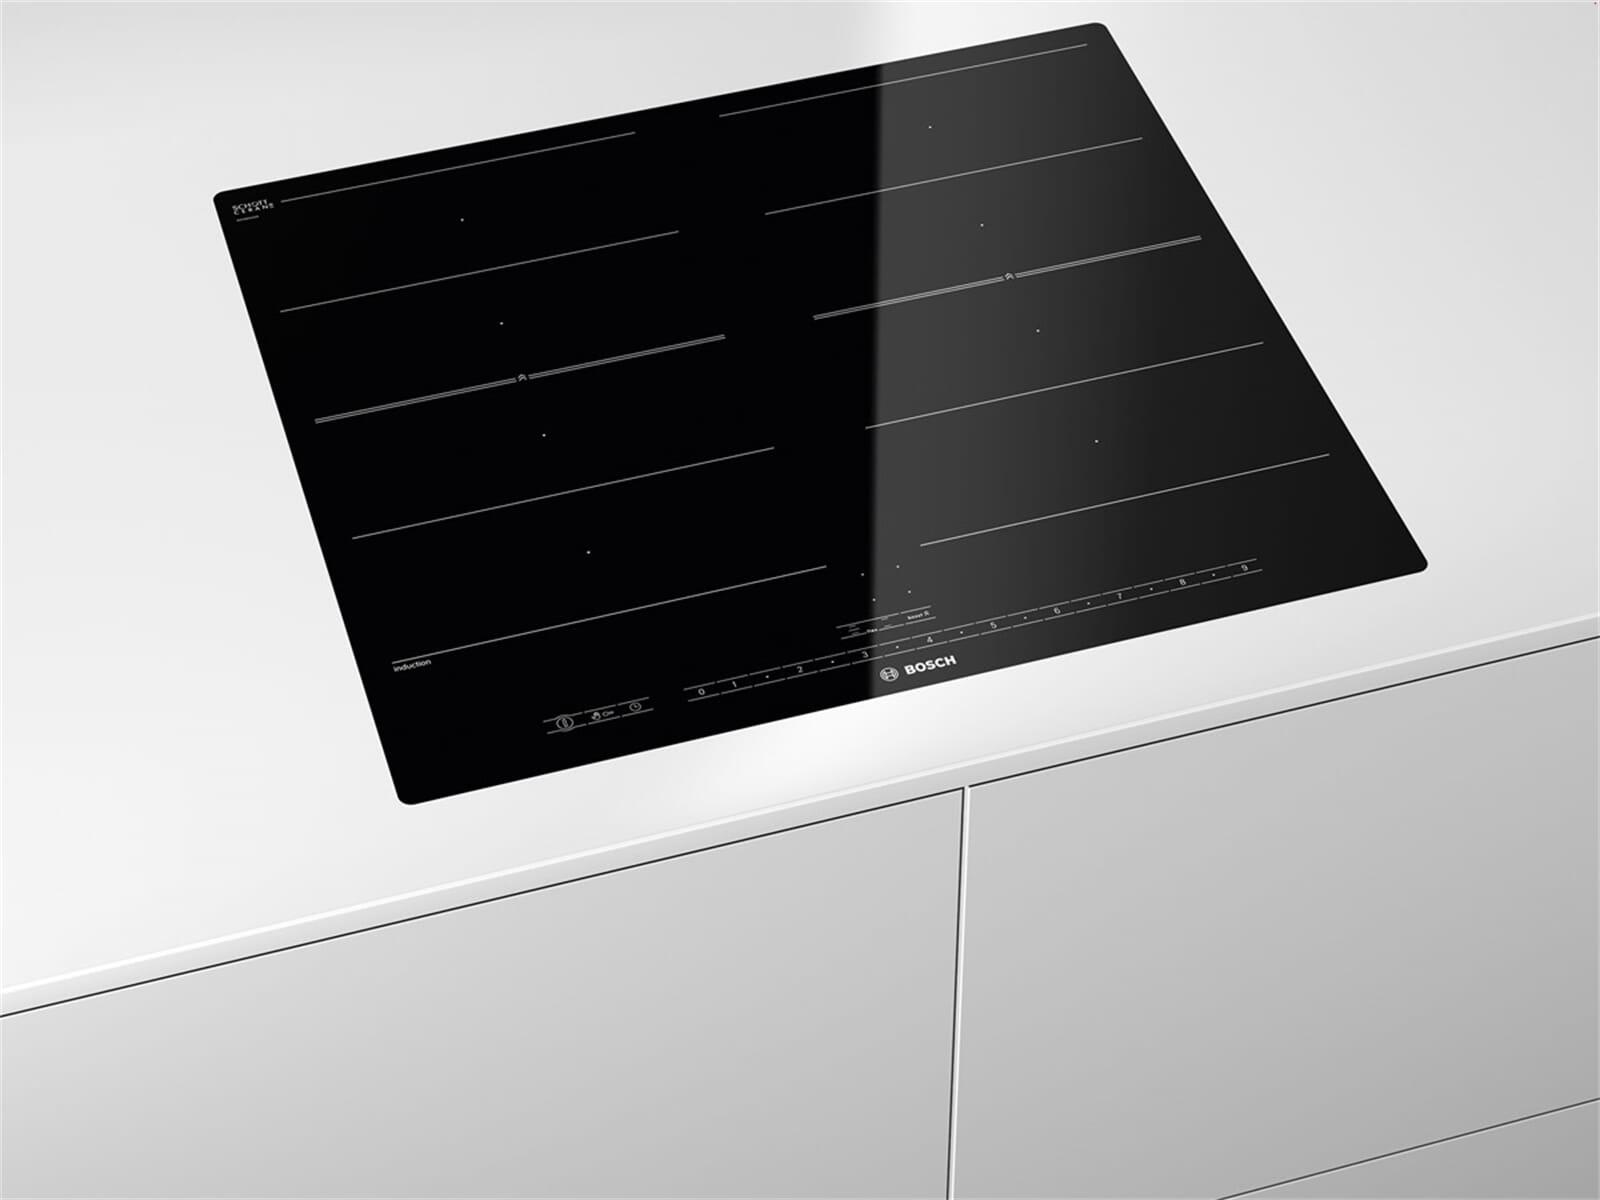 bosch hbd728f55 set dampfgar backofen hsg636bs1 induktion glaskeramik kochfeld piv601n17e f r. Black Bedroom Furniture Sets. Home Design Ideas